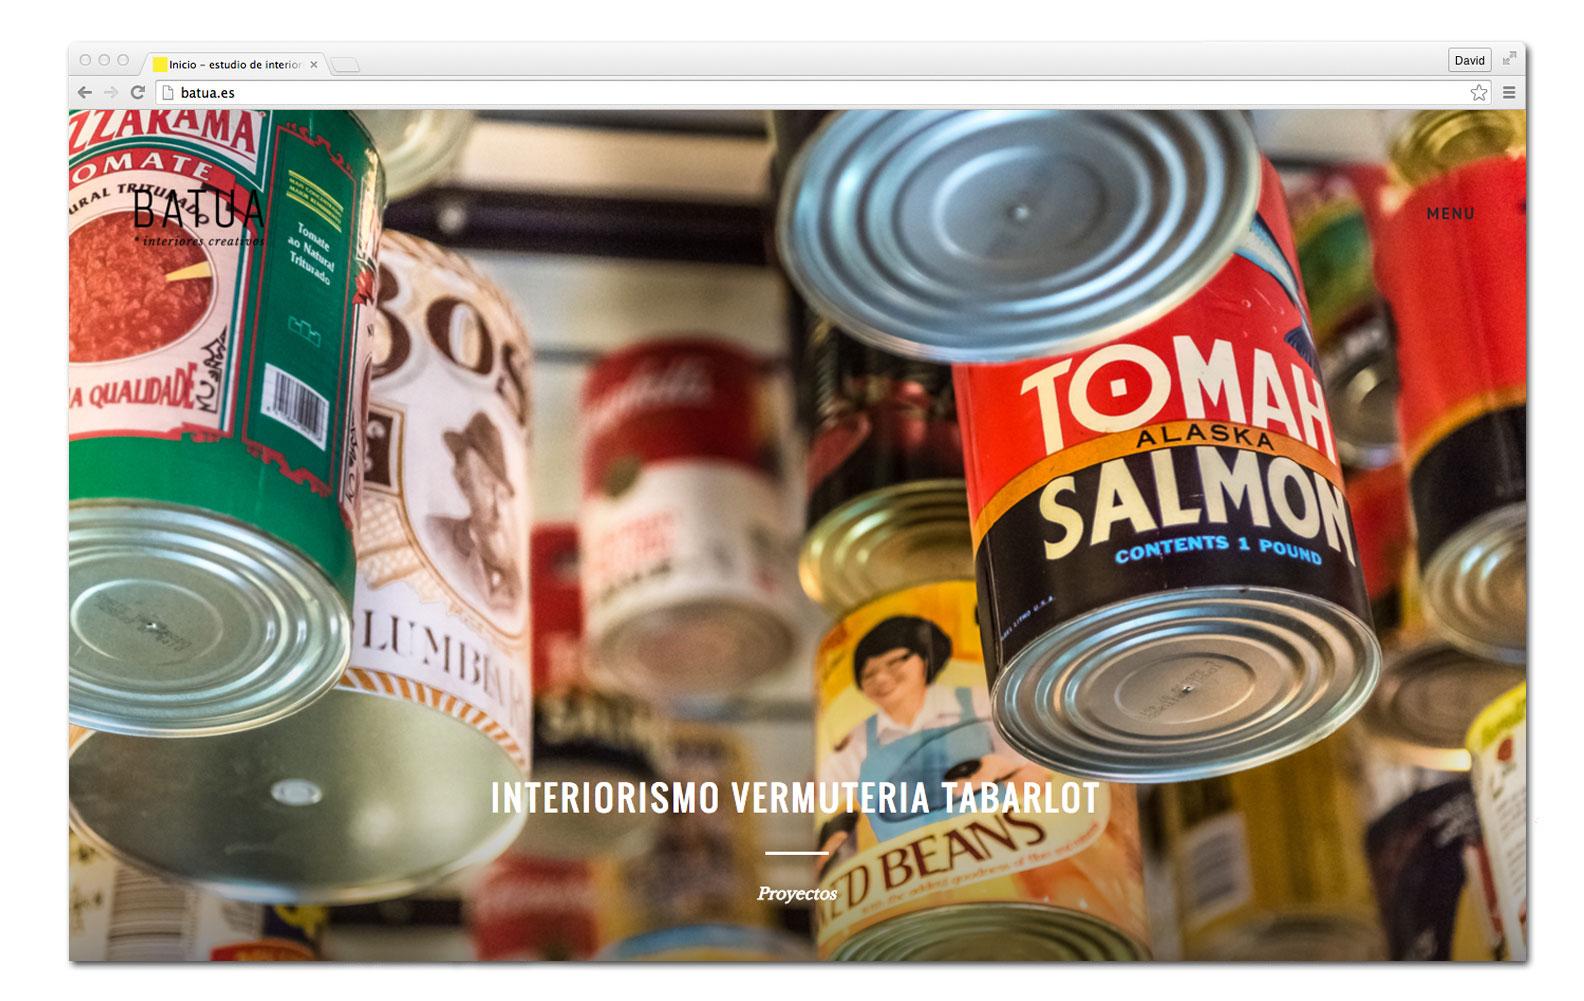 KUINI Estudio de diseño gráfico alicante, diseño web de BATUA